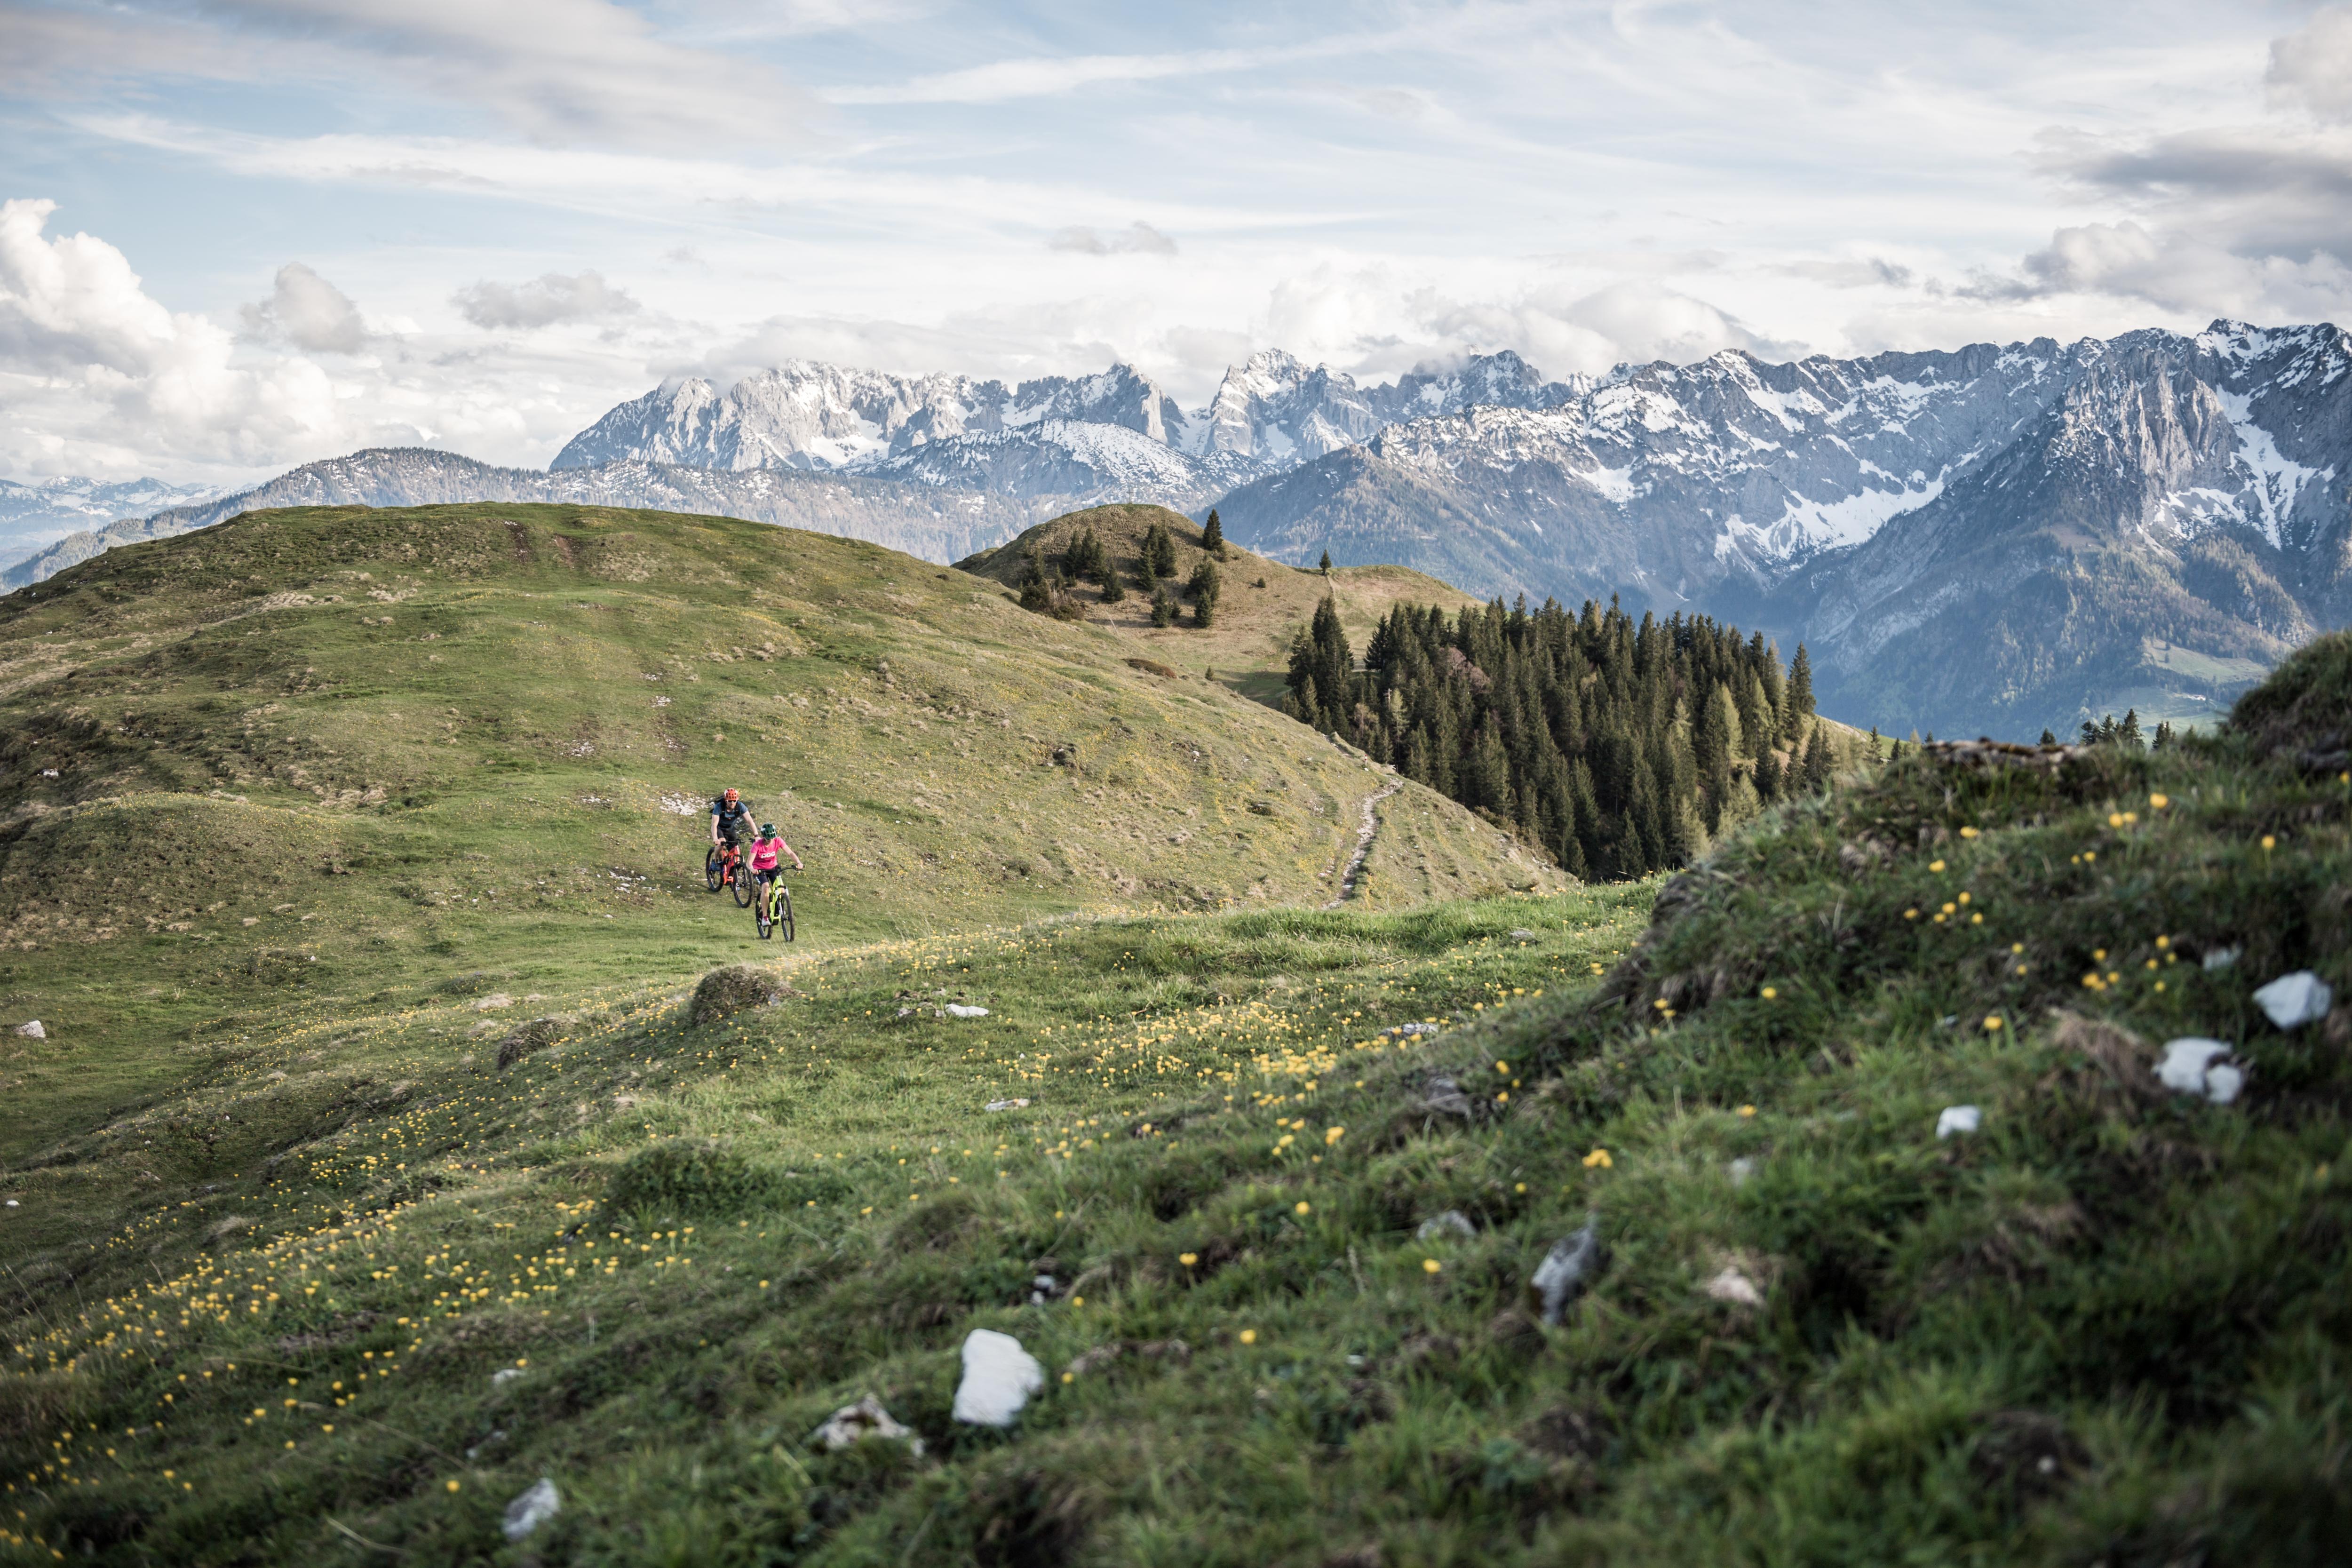 e-bike-fahren-in-suedtirol-vals-bei-sport-mode-maria